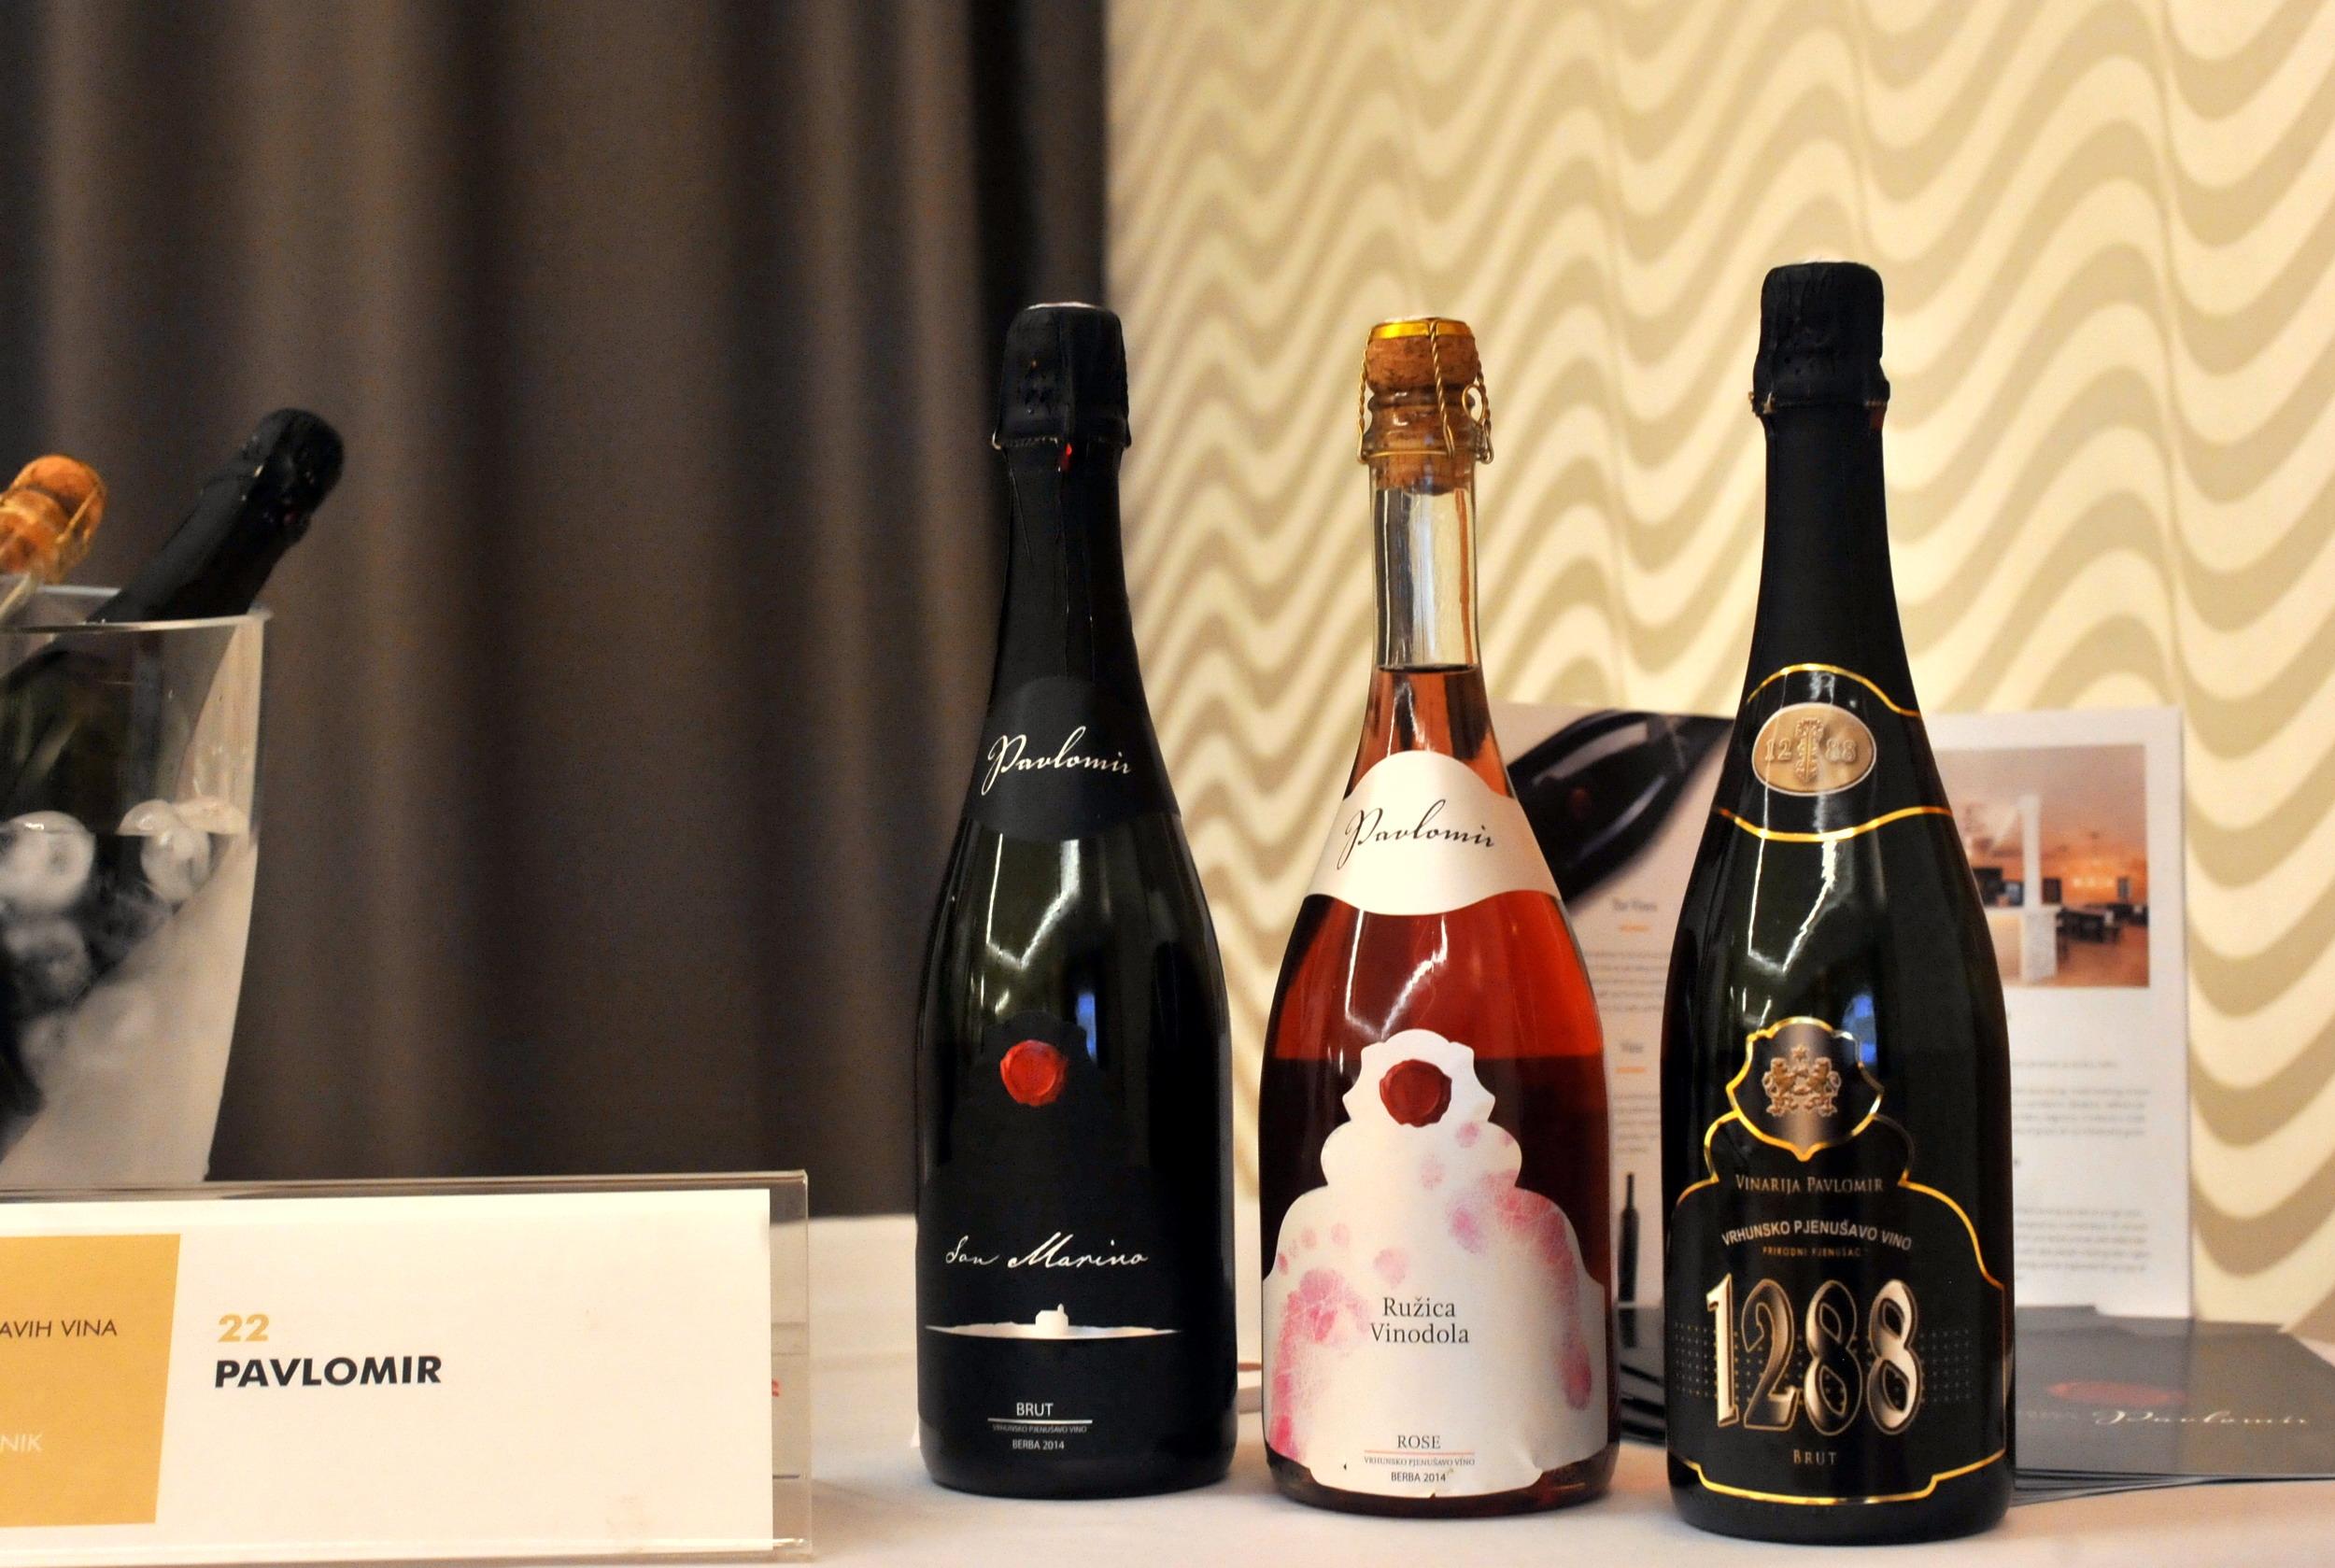 Hrvatski pjenušac 1288 najbolje je ocijenjen na međunarodnom ocjenjivanju mreže SALON OF SPARKLING WINES